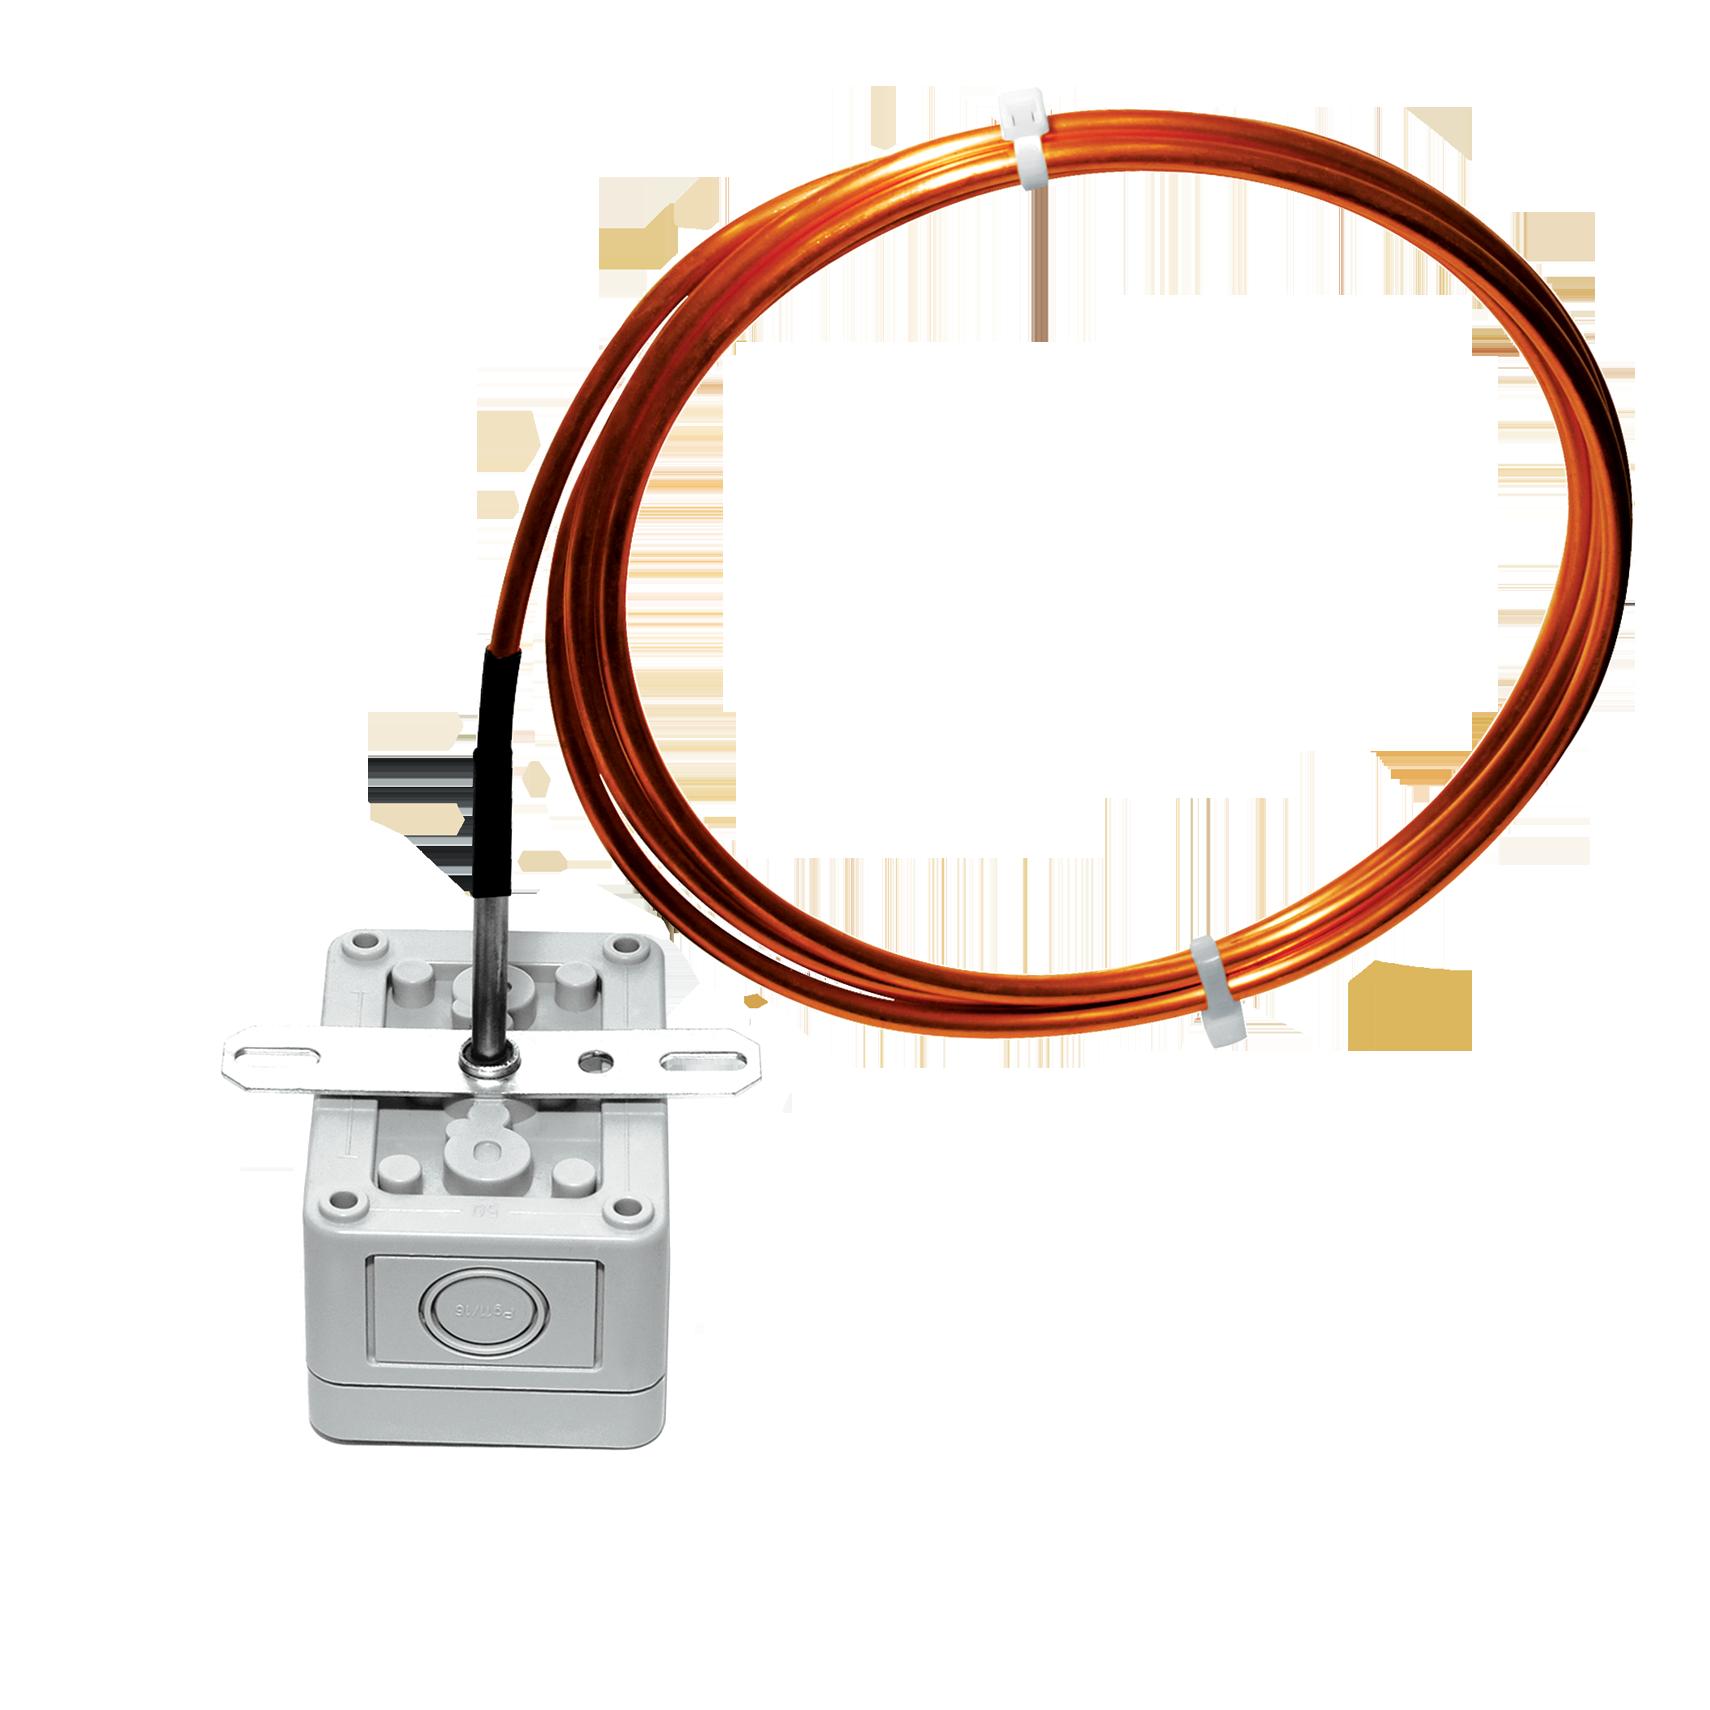 ACI A/592-10K-A-8'-4X Averaging Temperature Sensor